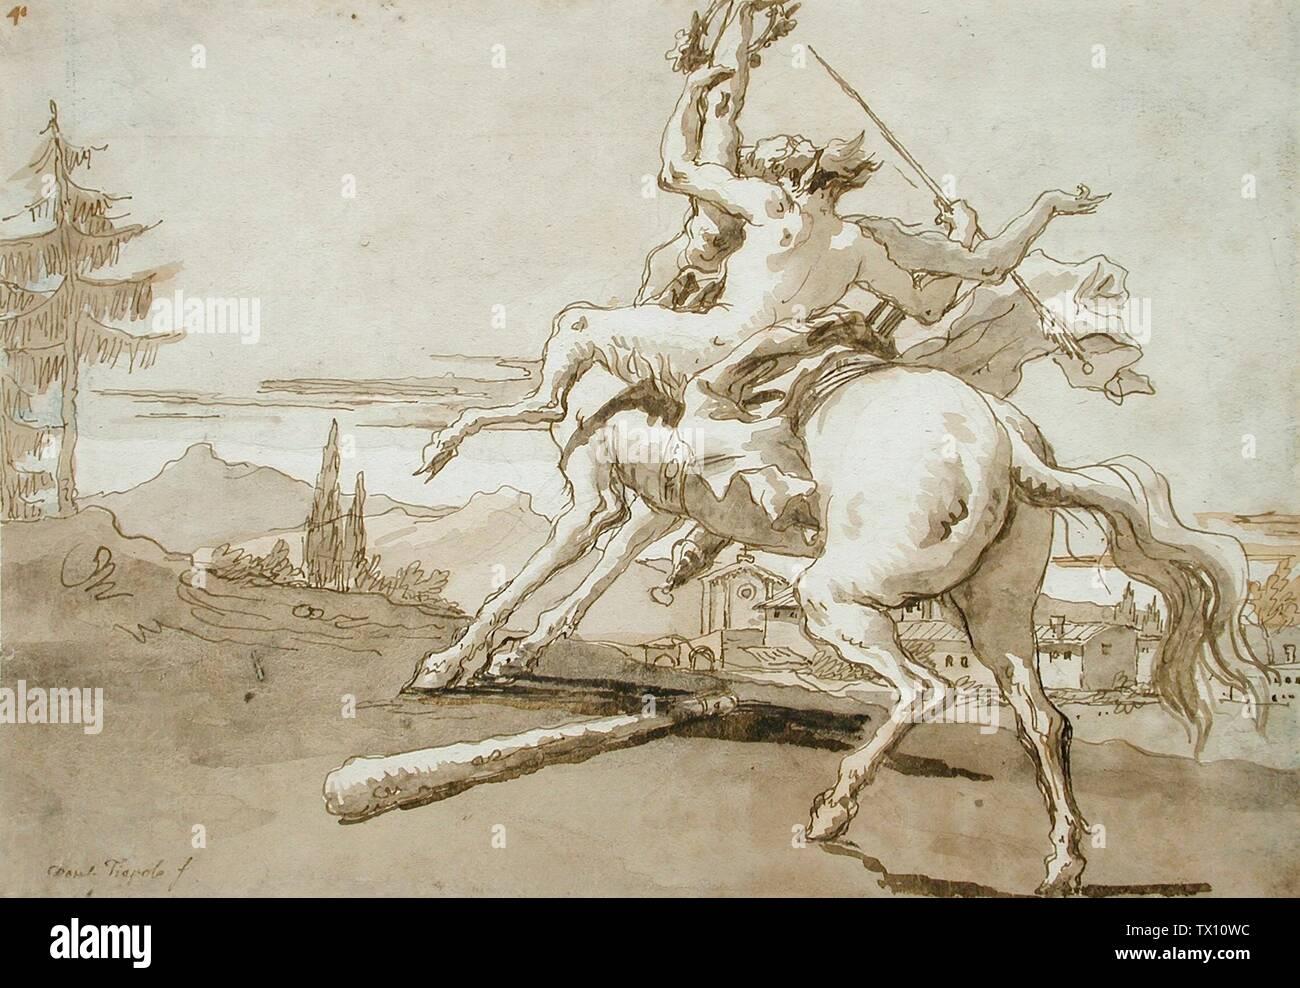 Centaur 'Arrêté en vol, une femelle Faun sur son dos; Italie, circa 1759-1791 Dessins encre brune et lavis sur feuille noire: 7 5/8 x 10 7/8 in. (19,37 x 27,62 cm) Los Angeles Comté (65,15) Estampes et dessins; entre 1759 et 1791 circa circa date QS:P571,+1750-00-00T00:00:00Z/7,P1319,+1759-00-00T00:00:00Z/9,P1326,+1791-00-00T00:00:00Z/9,P1480,Q5727902; ' Photo Stock